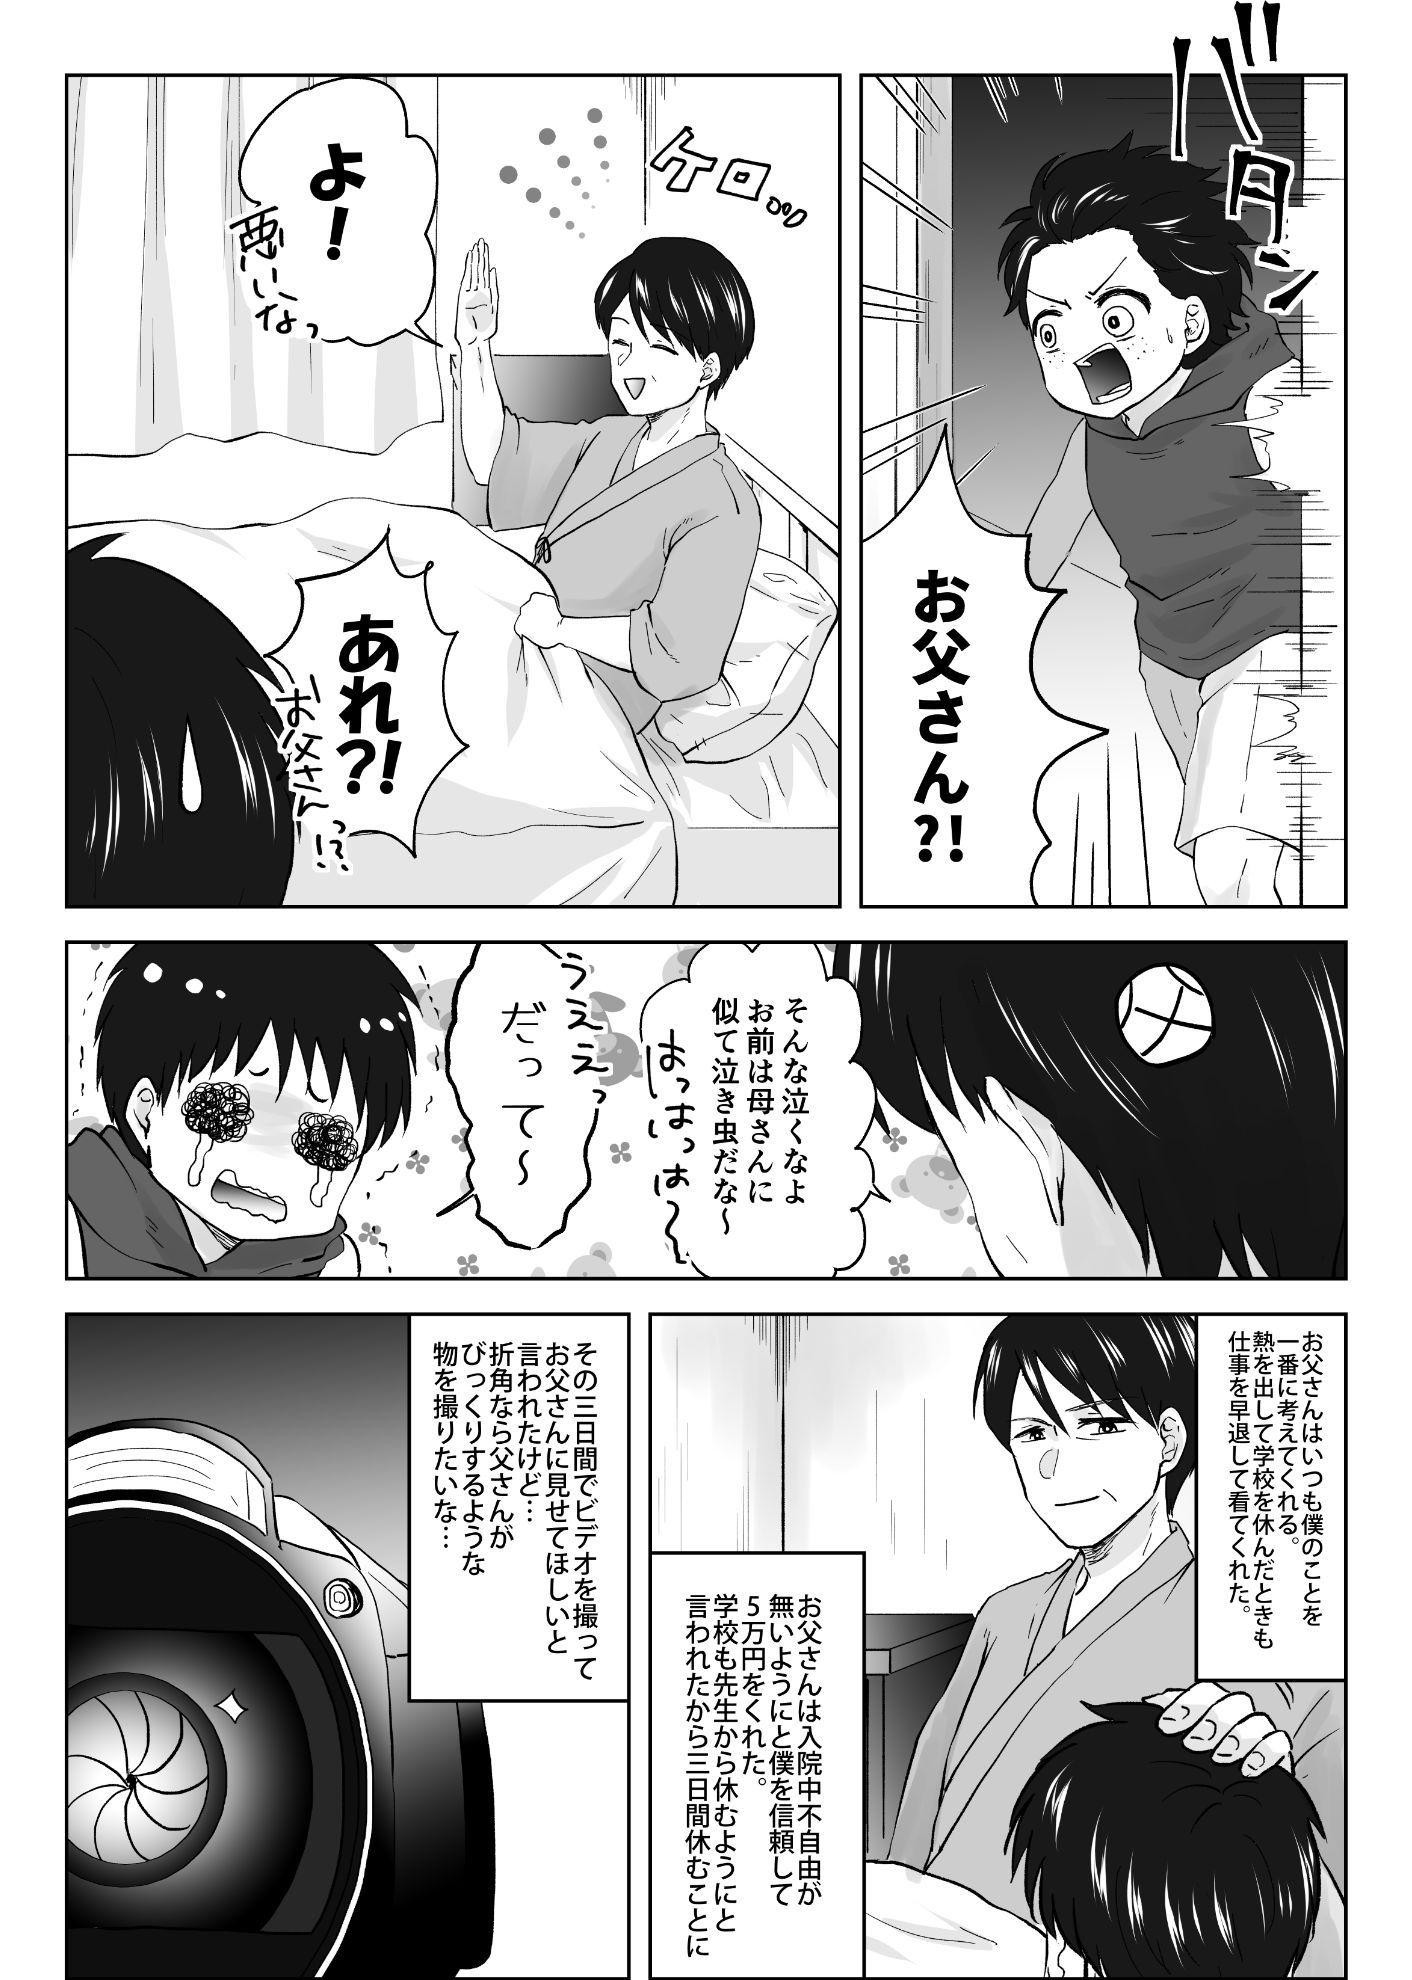 【エロ漫画無料大全集】【NTRエロ漫画】いじめられっ子の僕がいじめっ子のお母さんの弱みを握って、それをネタに寝取ってやったwww